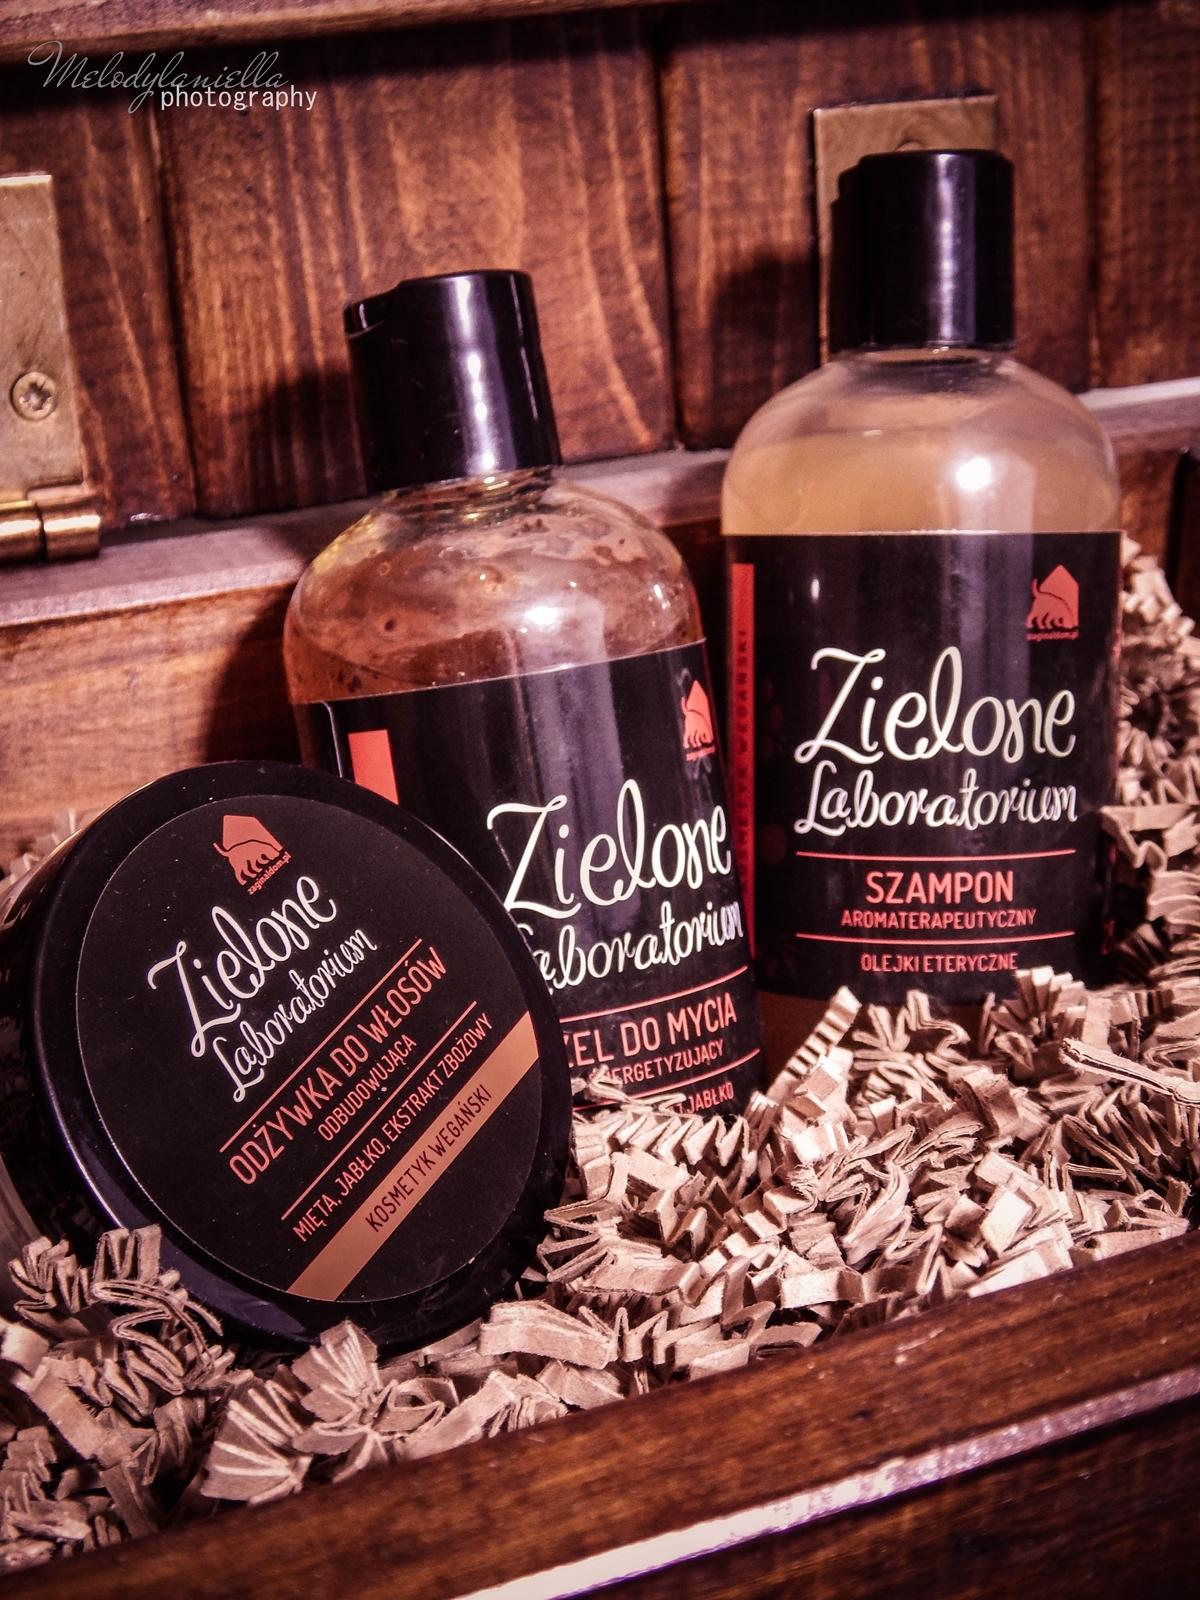 zielone laboratorium odżywka do włosów odbudowująca kosmetyki wegańskie żel do mycia szampon aromaterapeutyczny kosmetyki o mocnych zapachach olejki eteryczne kosmetyki naturalne polskie